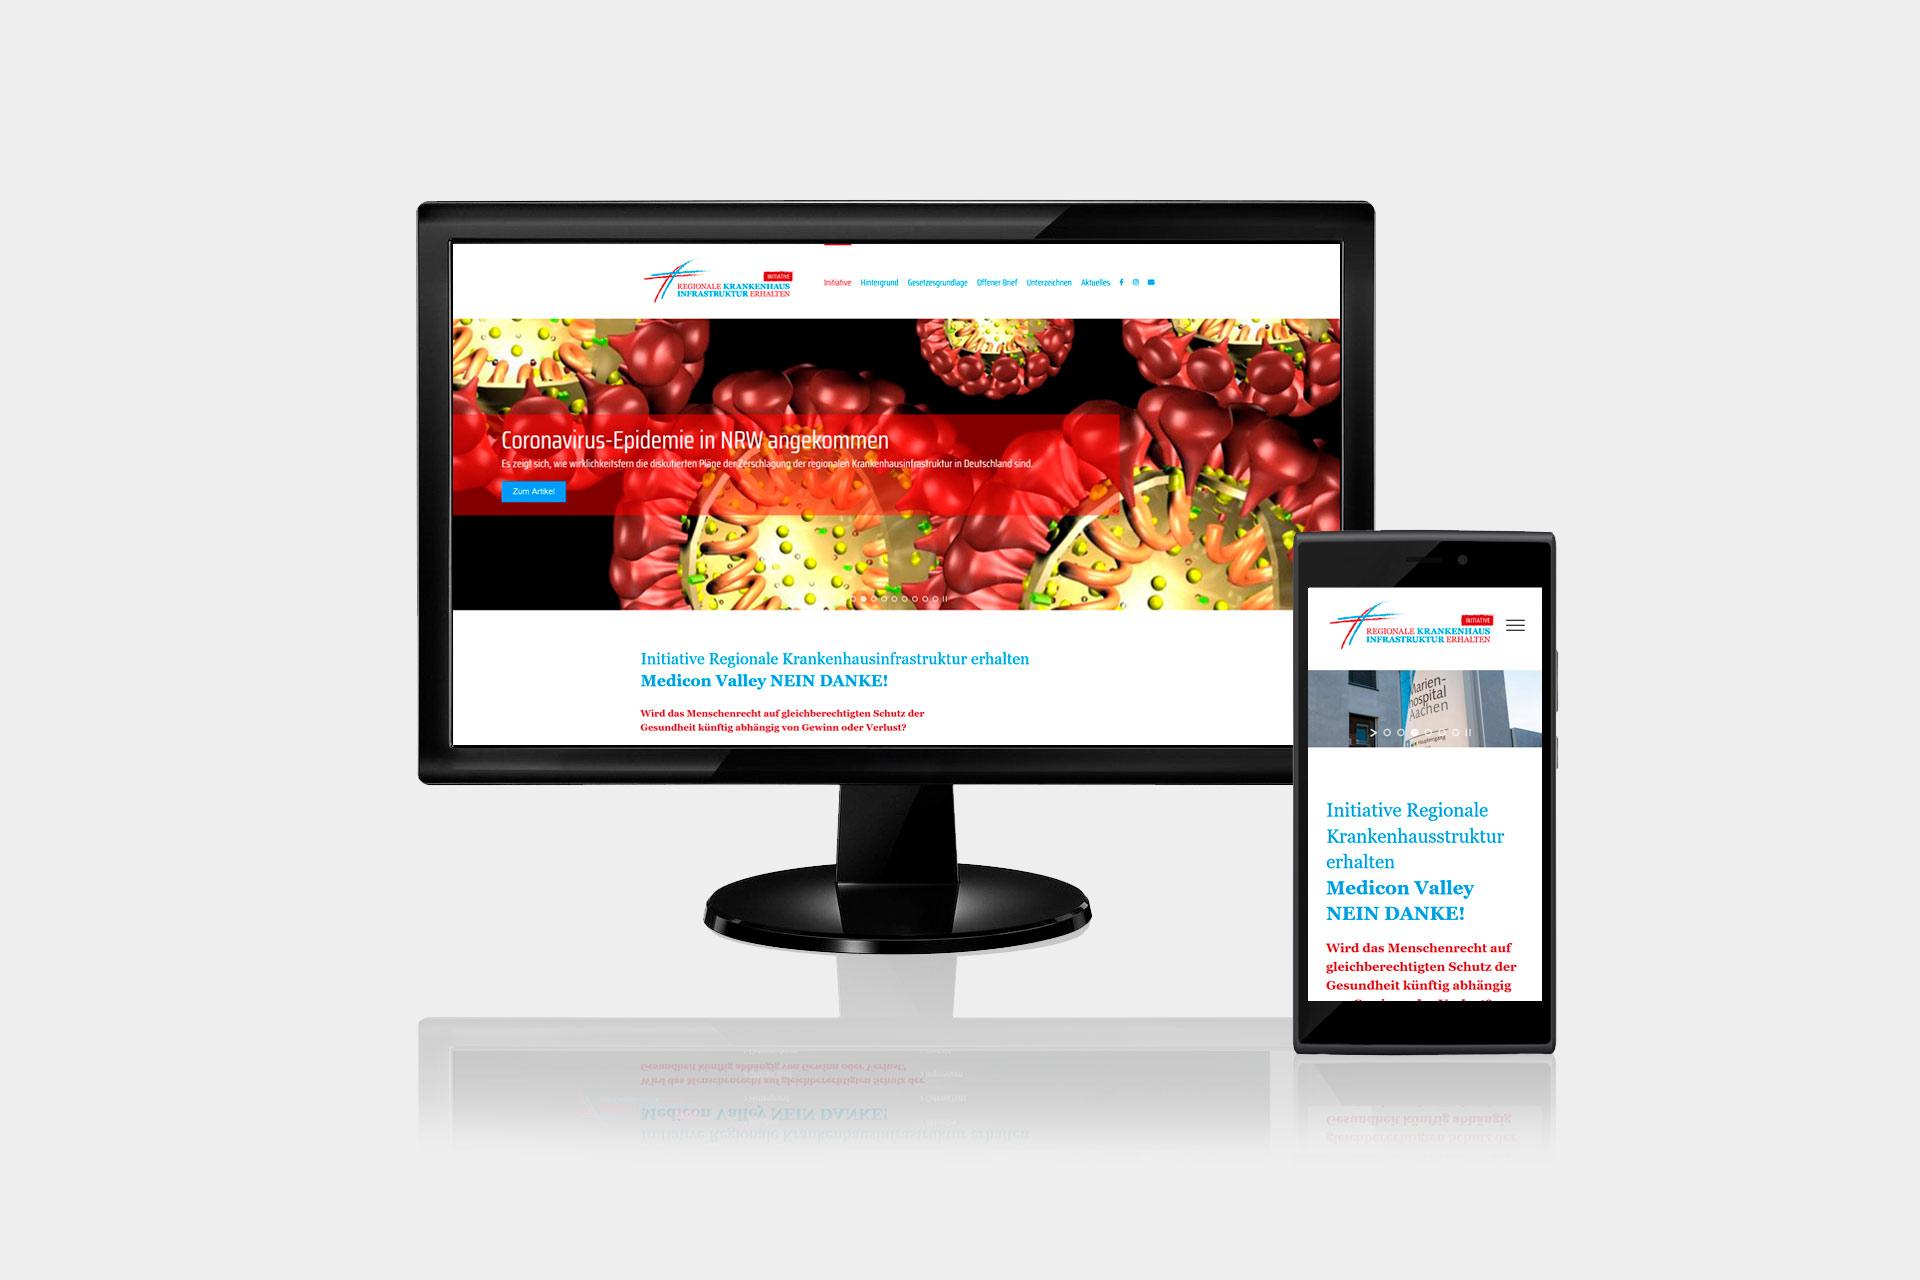 webdesign-regionale-krankenhausinfrastruktur